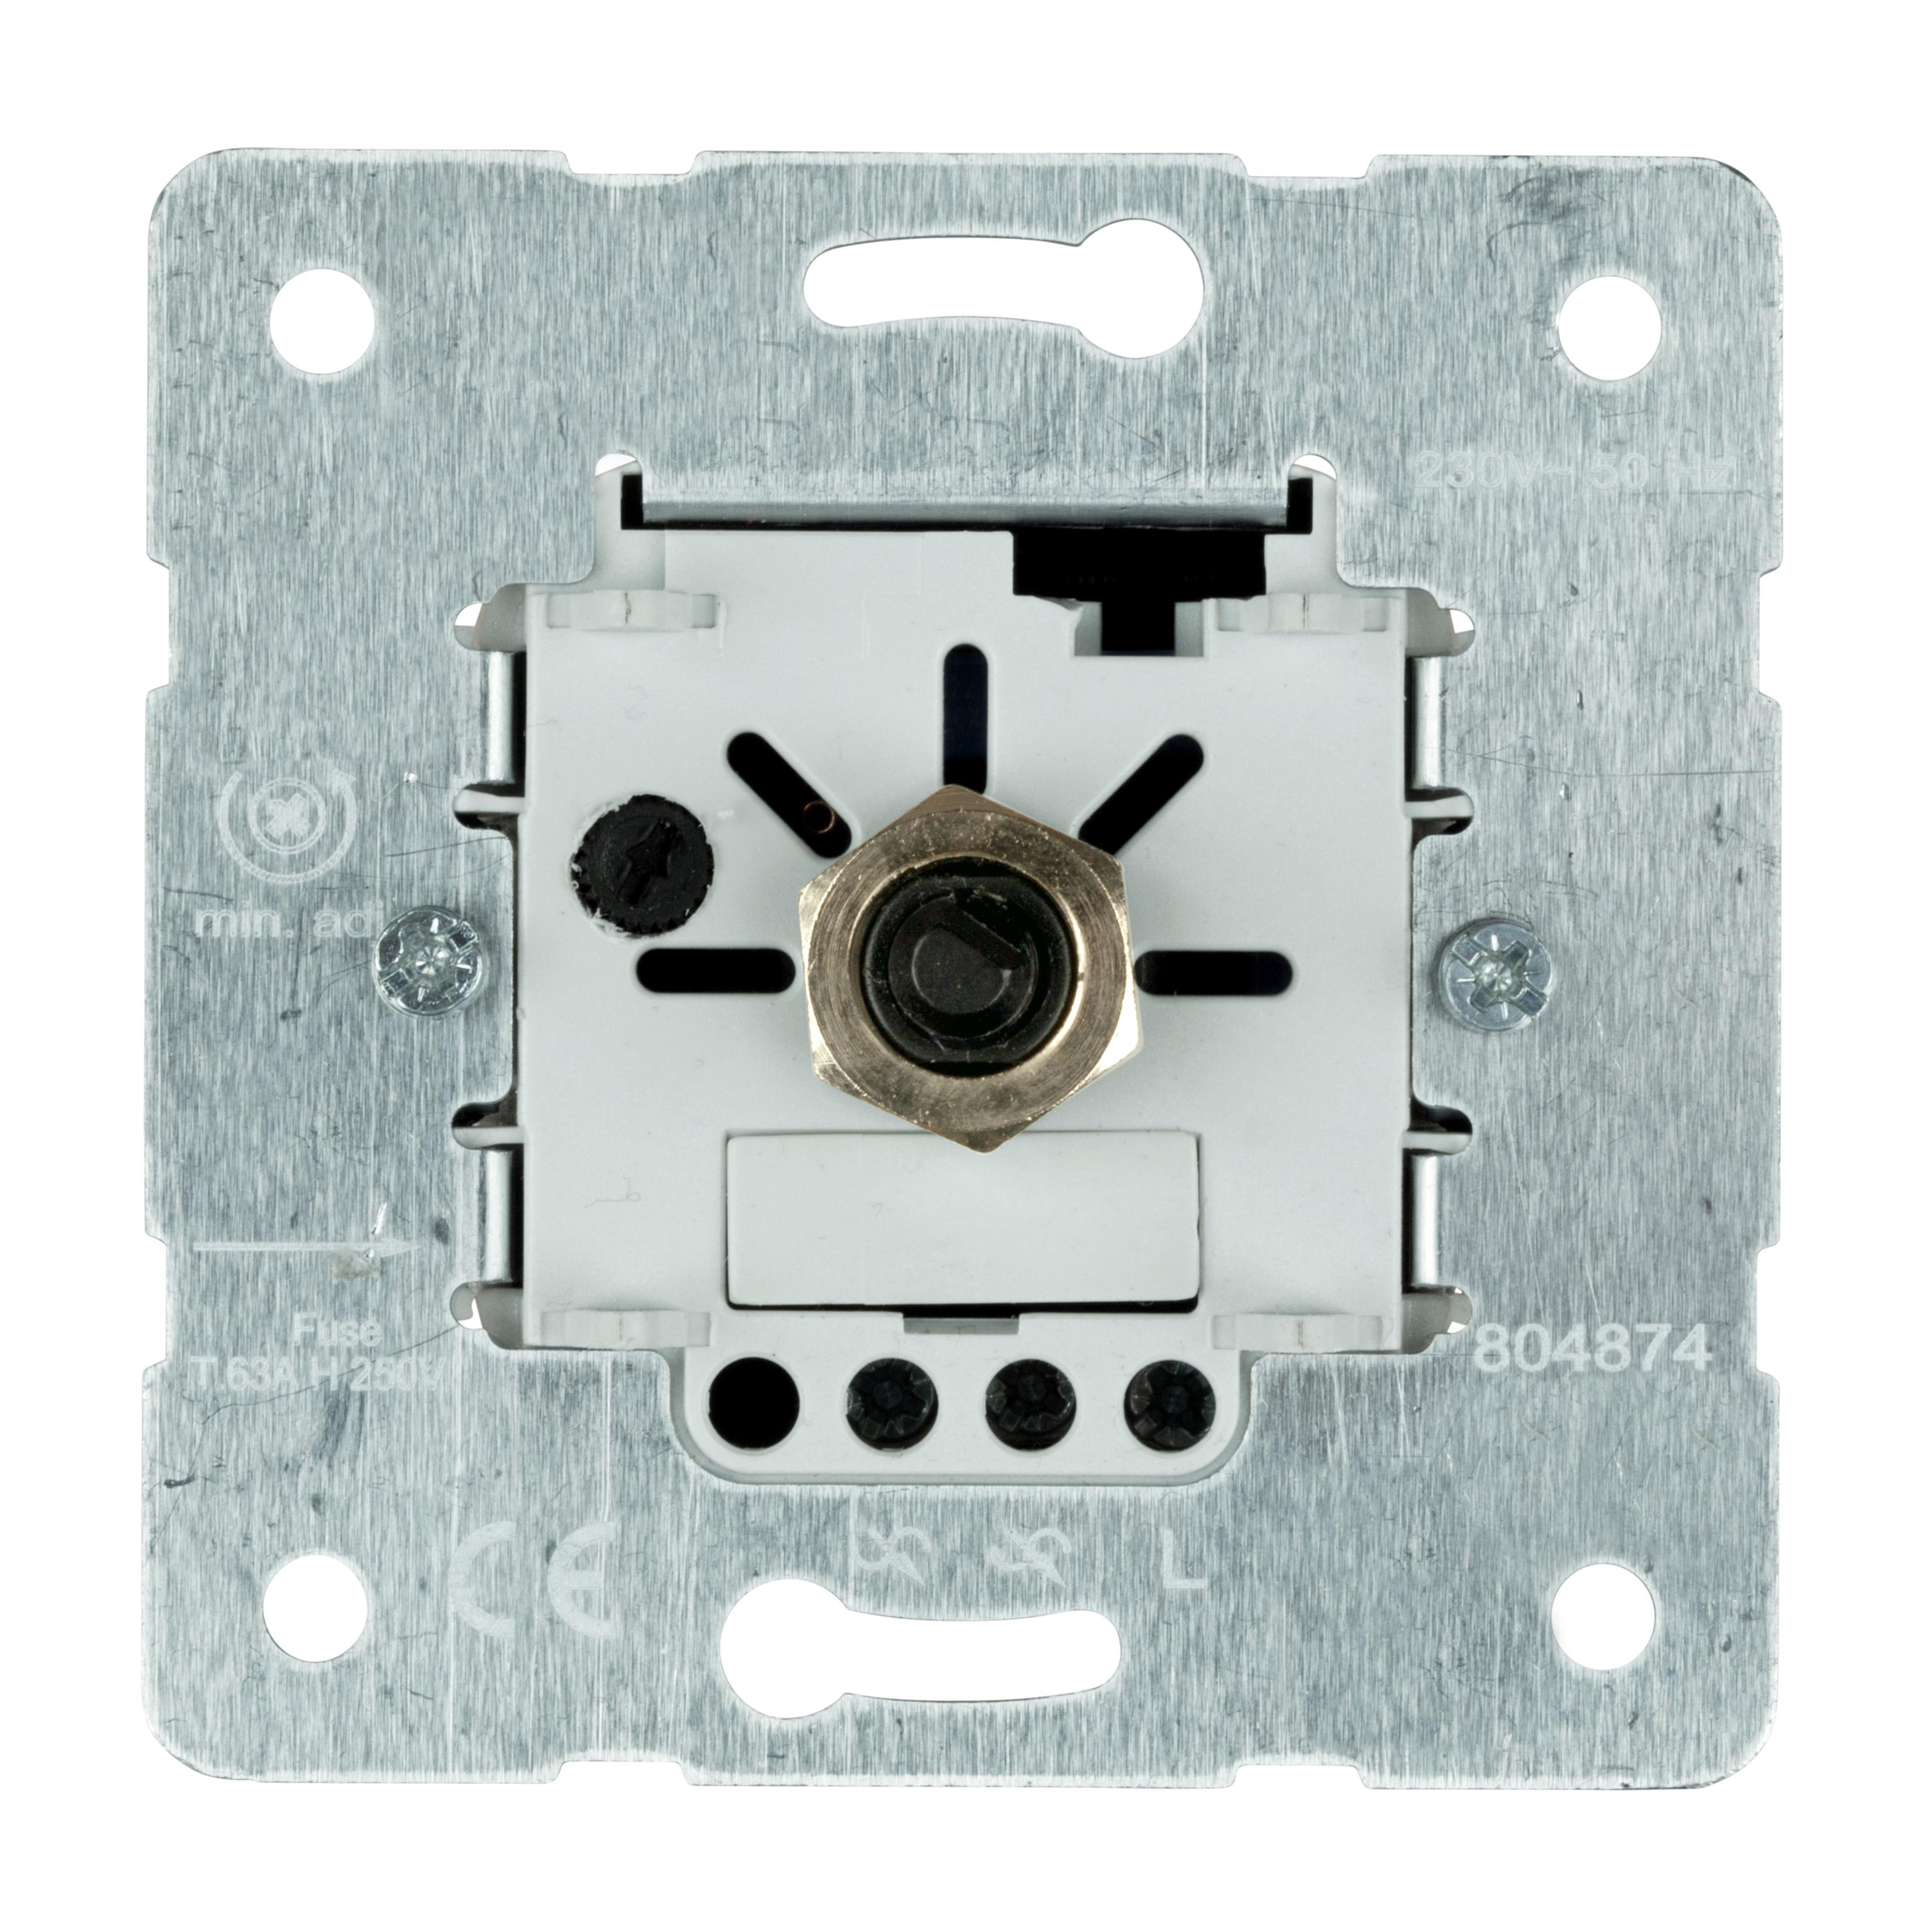 1 Stk Dimmereinsatz 6-100W/VA für dimmbare LED EV103020--